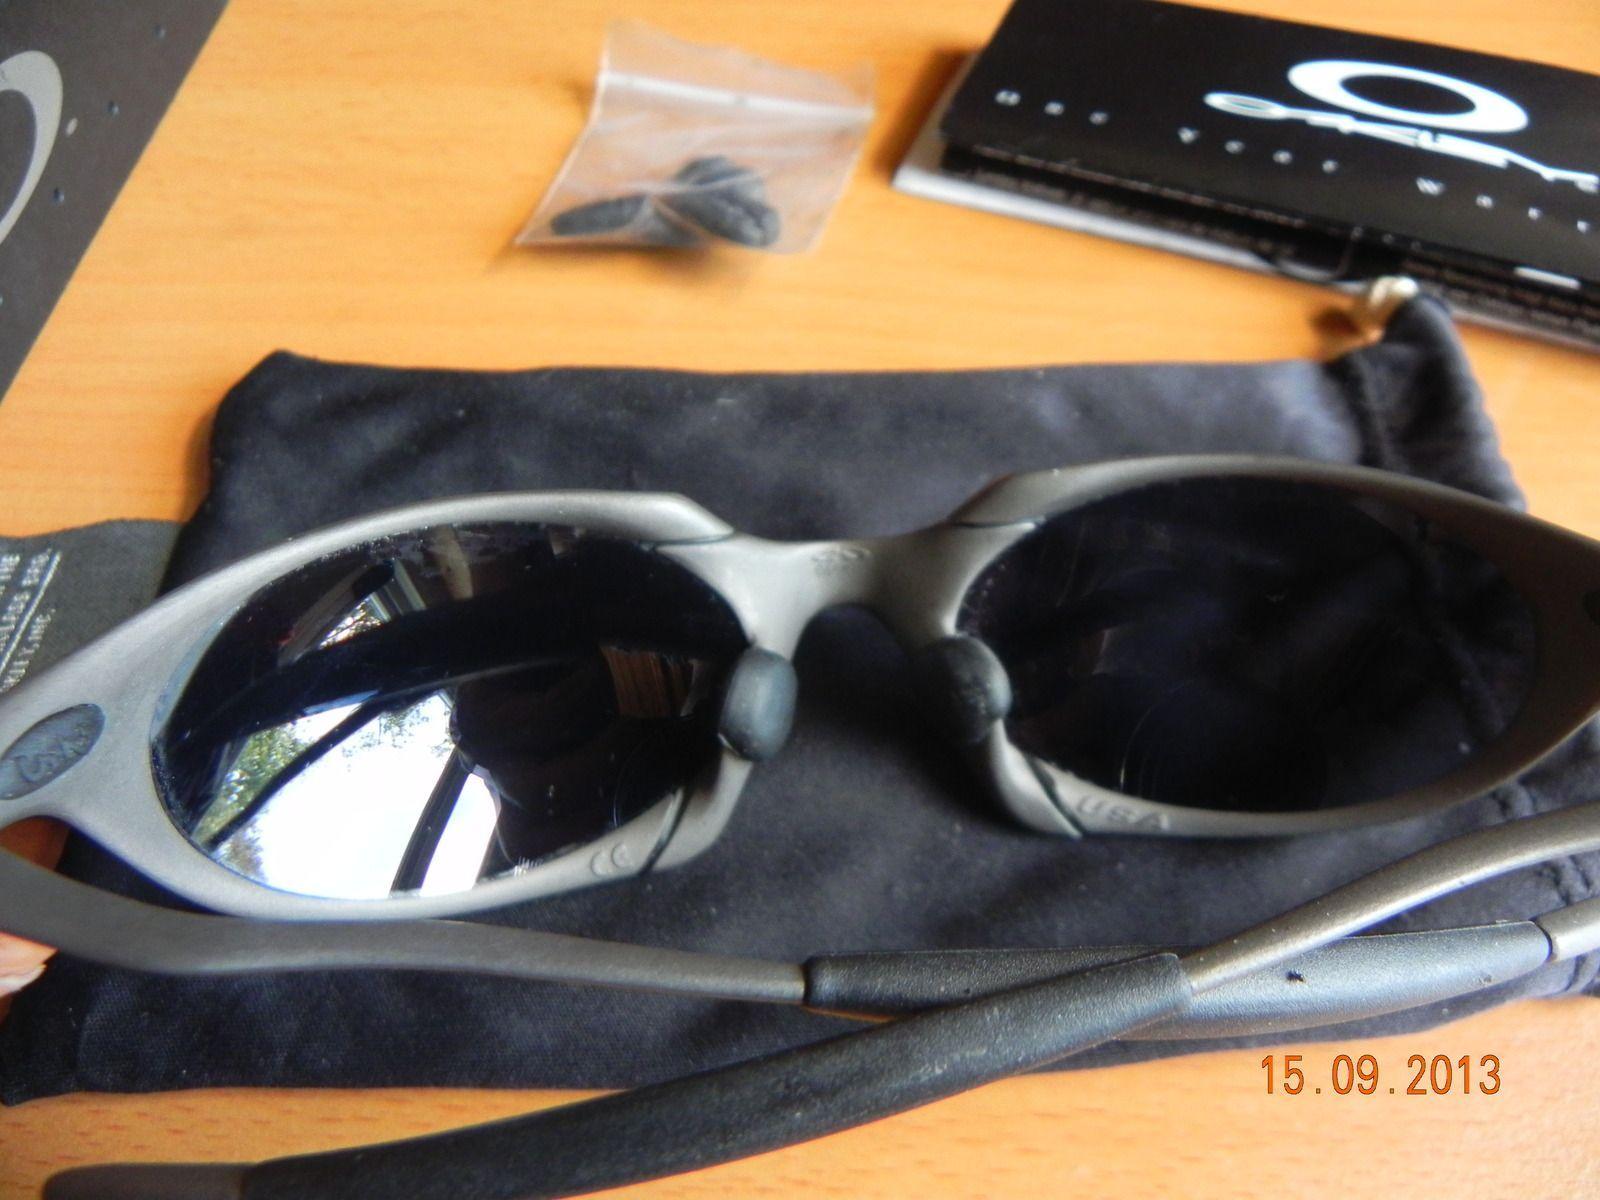 Romeo 1 BINB - DSCN2712_www.kepfeltoltes.hu_.jpg